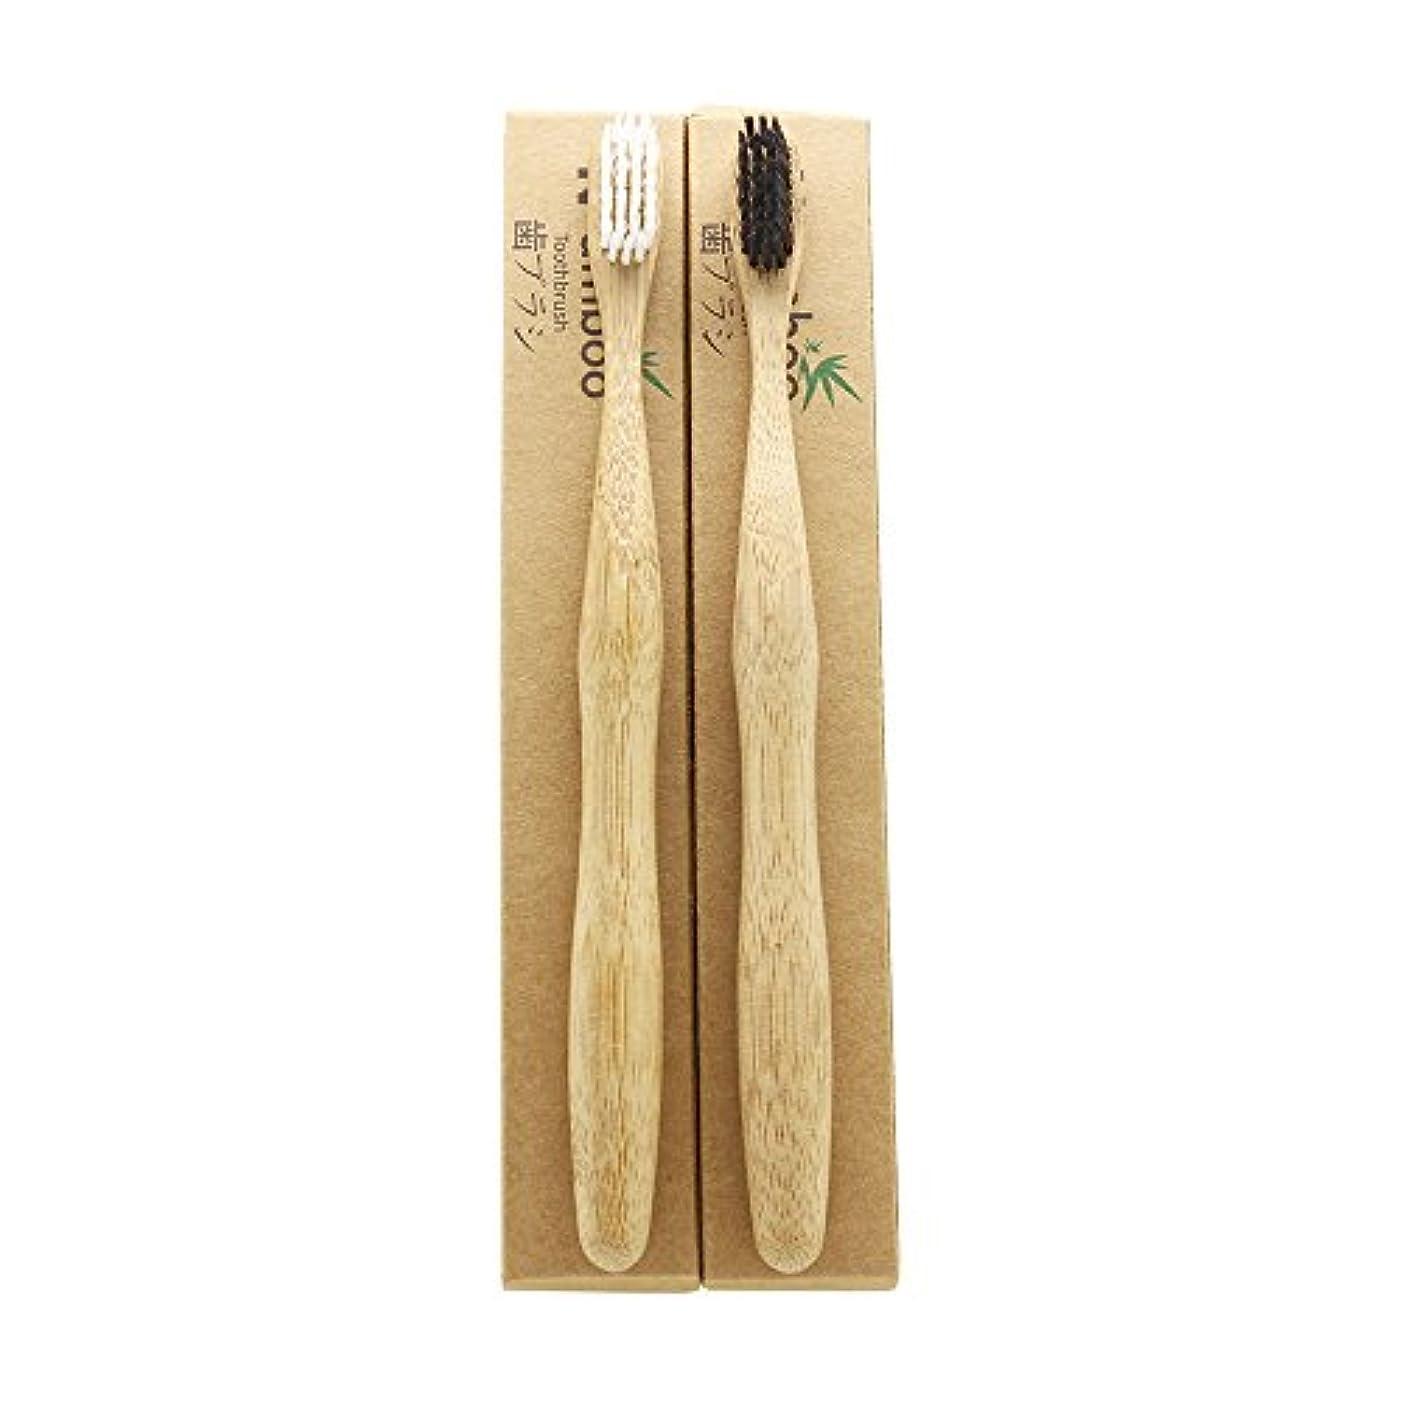 自治的カウントアップ代名詞N-amboo 竹製 歯ブラシ 高耐久性 白と黒 セット エコ (2本)